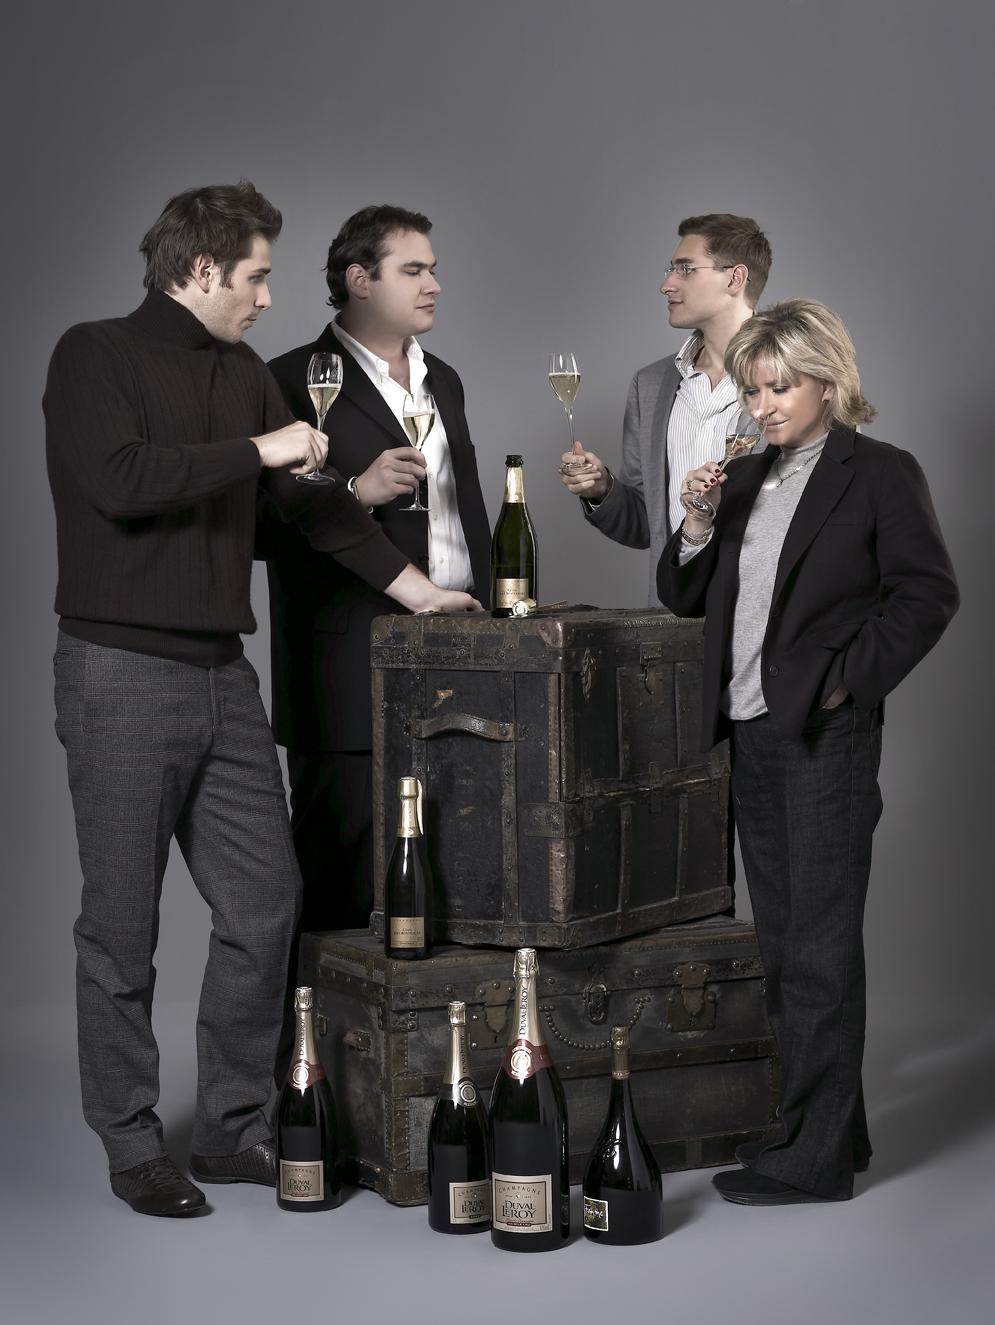 la maison duval leroy vous offre une bouteille de champagne maryo 39 s bazaar. Black Bedroom Furniture Sets. Home Design Ideas